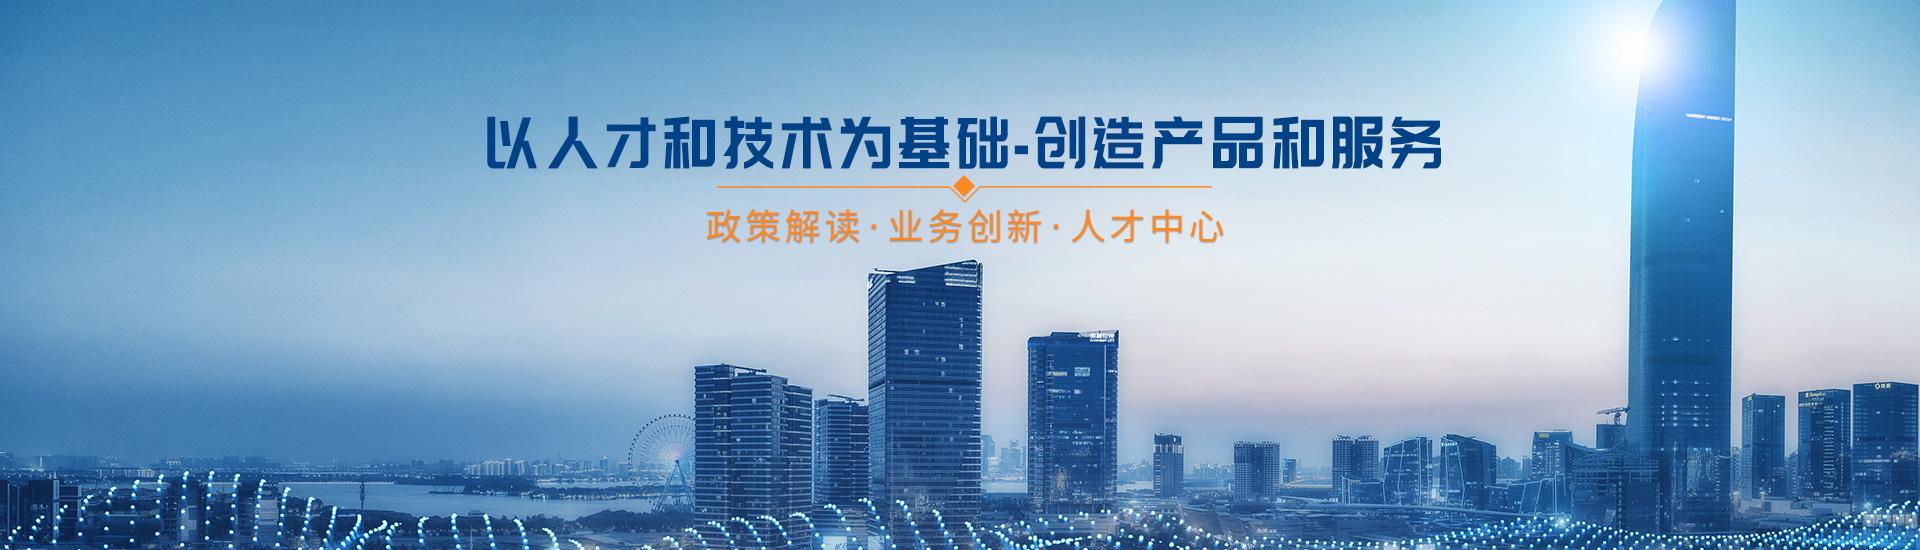 宏诚国咨技术中心